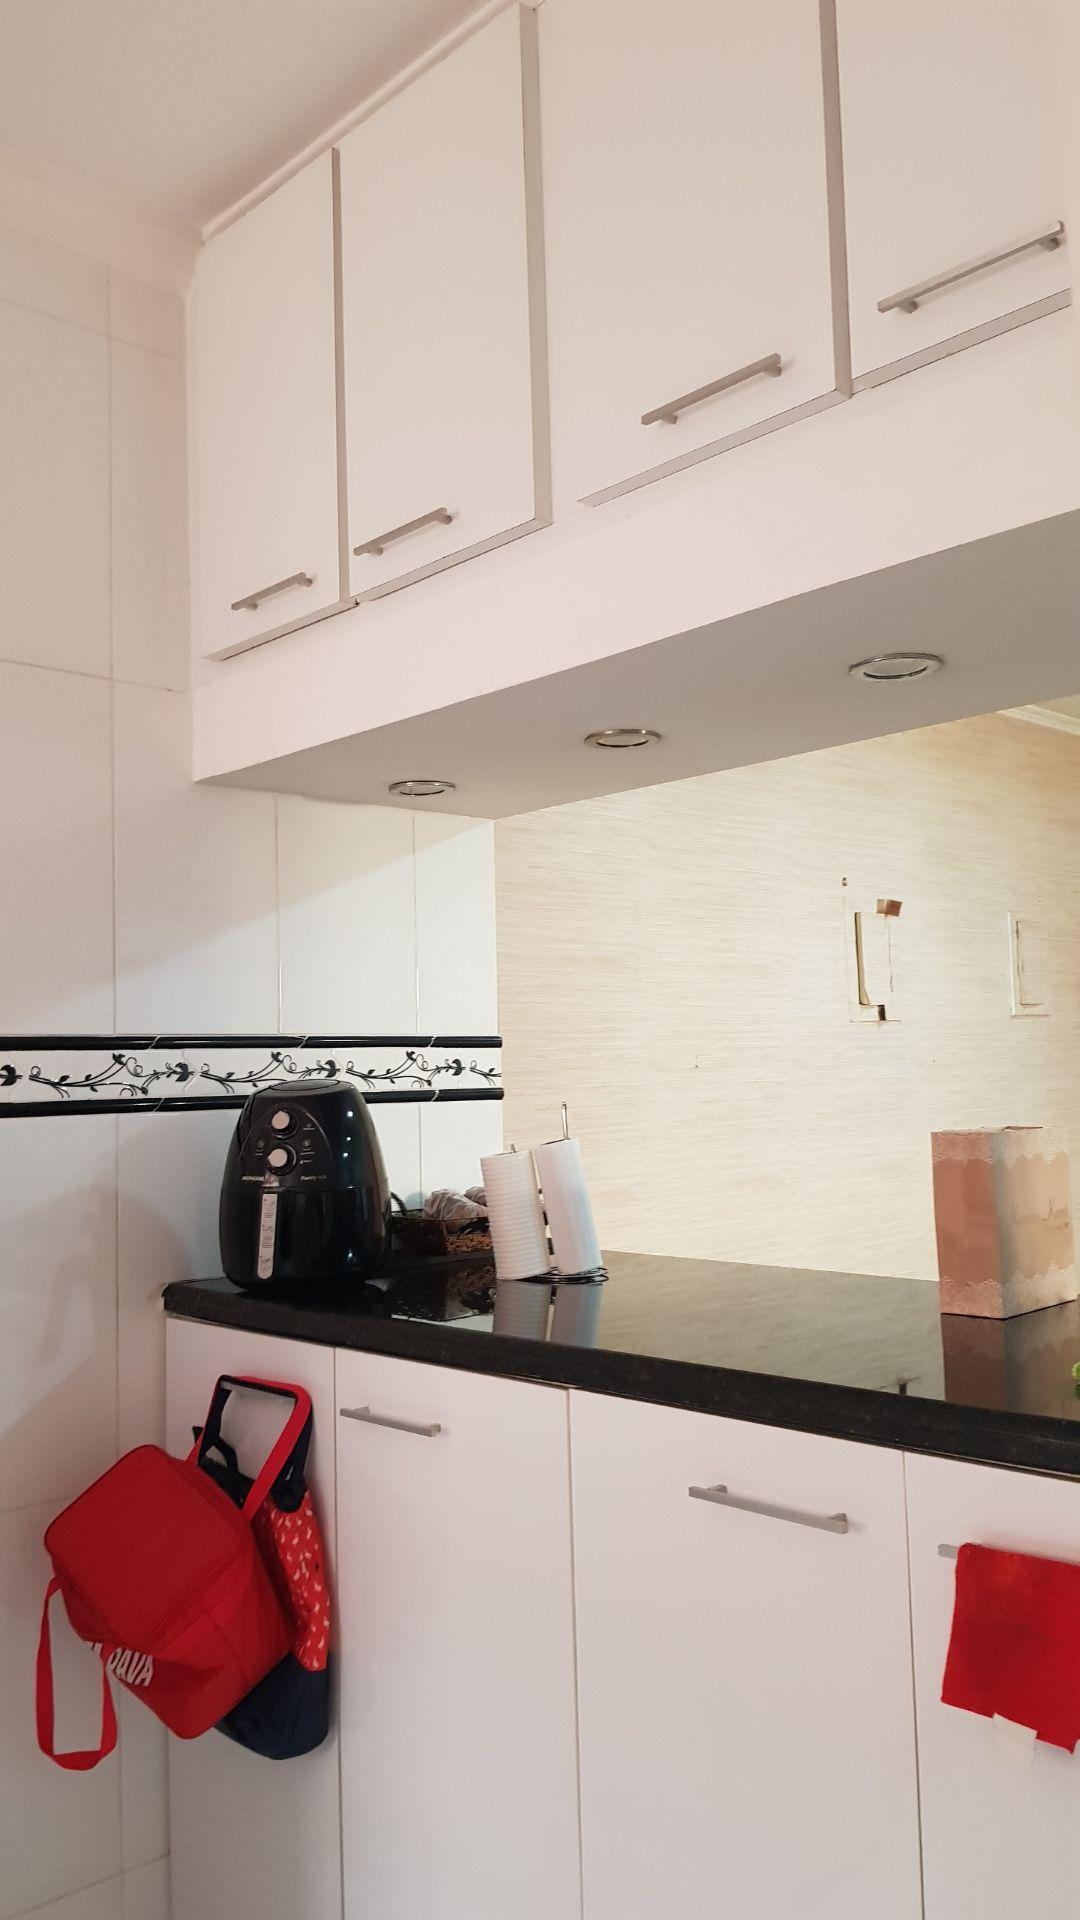 apartamento a venda no Gonzaga em santos térreo de 1 dormitório e garagem. - foto 12